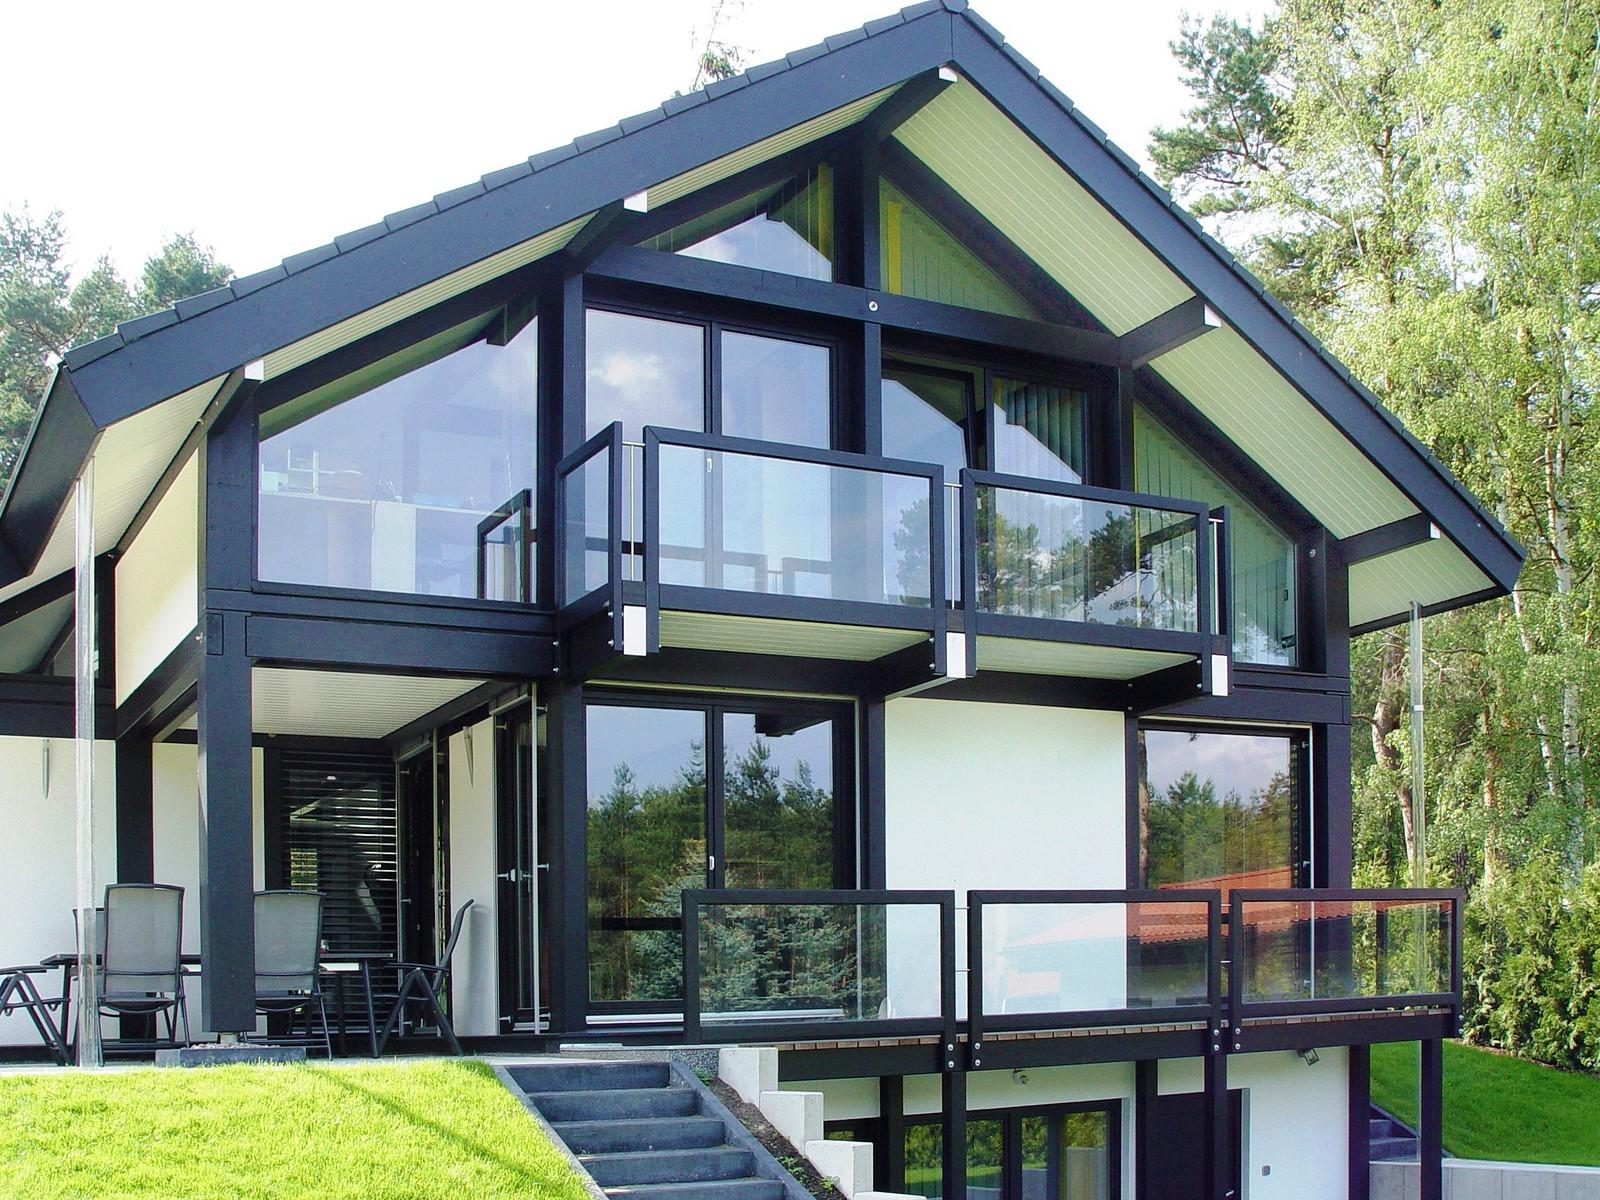 Moderne Fachwerkhäuser fachwerkhaus dunkle konstruktion holz skelett haus landhaus 18